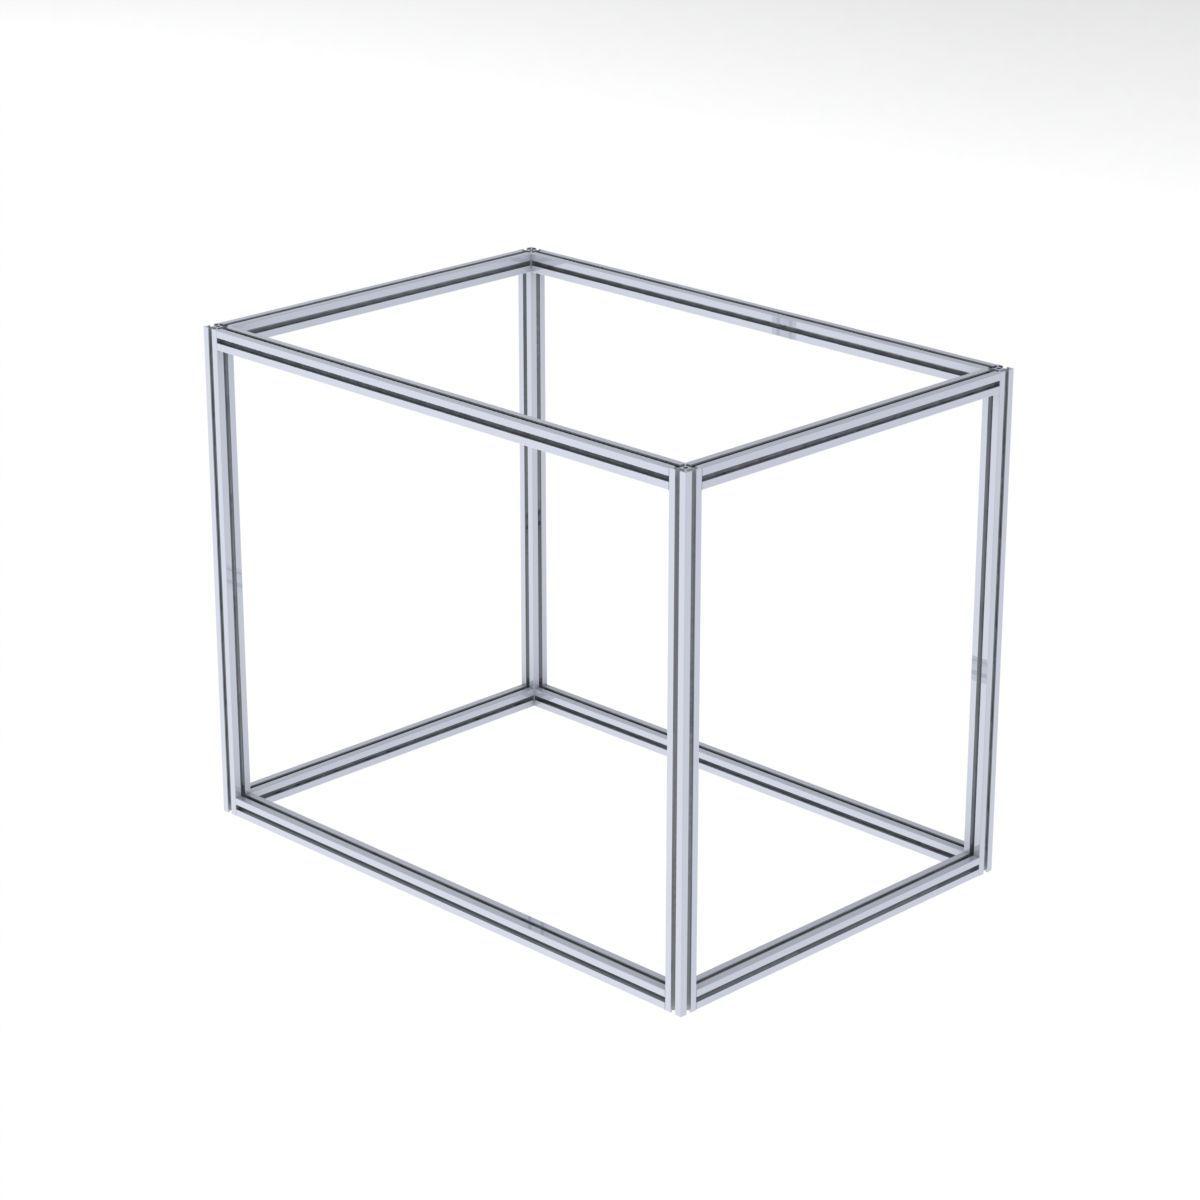 kubus van 3030 profielen